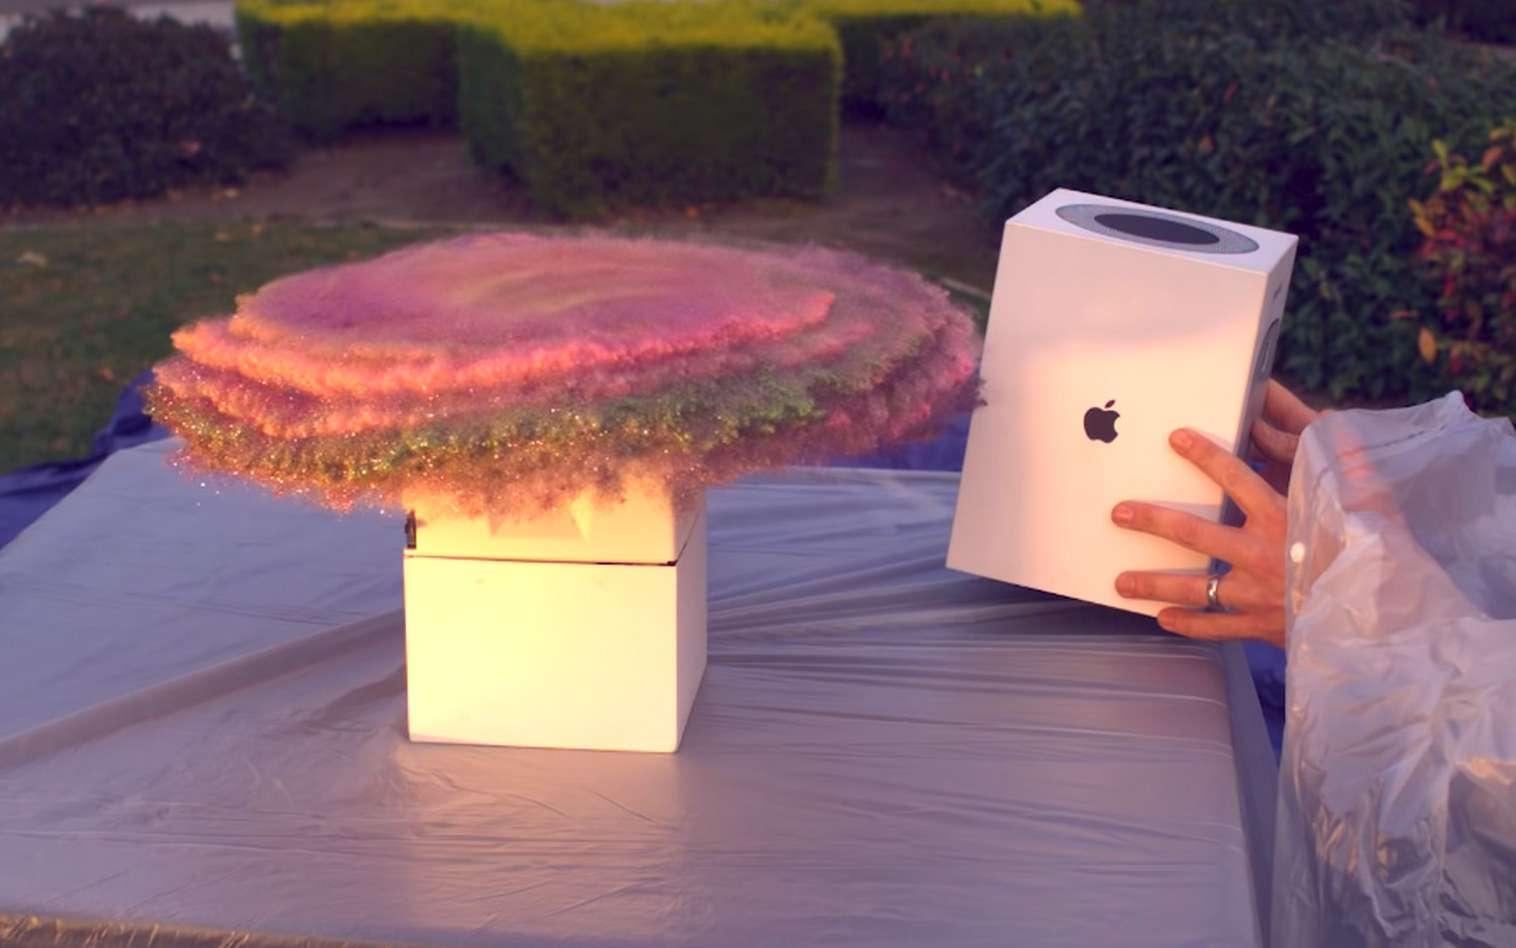 Le piège à voleur de colis projette une poudre pailletée avant d'actionner une bombe aérosol qui diffuse une odeur de pet. © Mark Rober